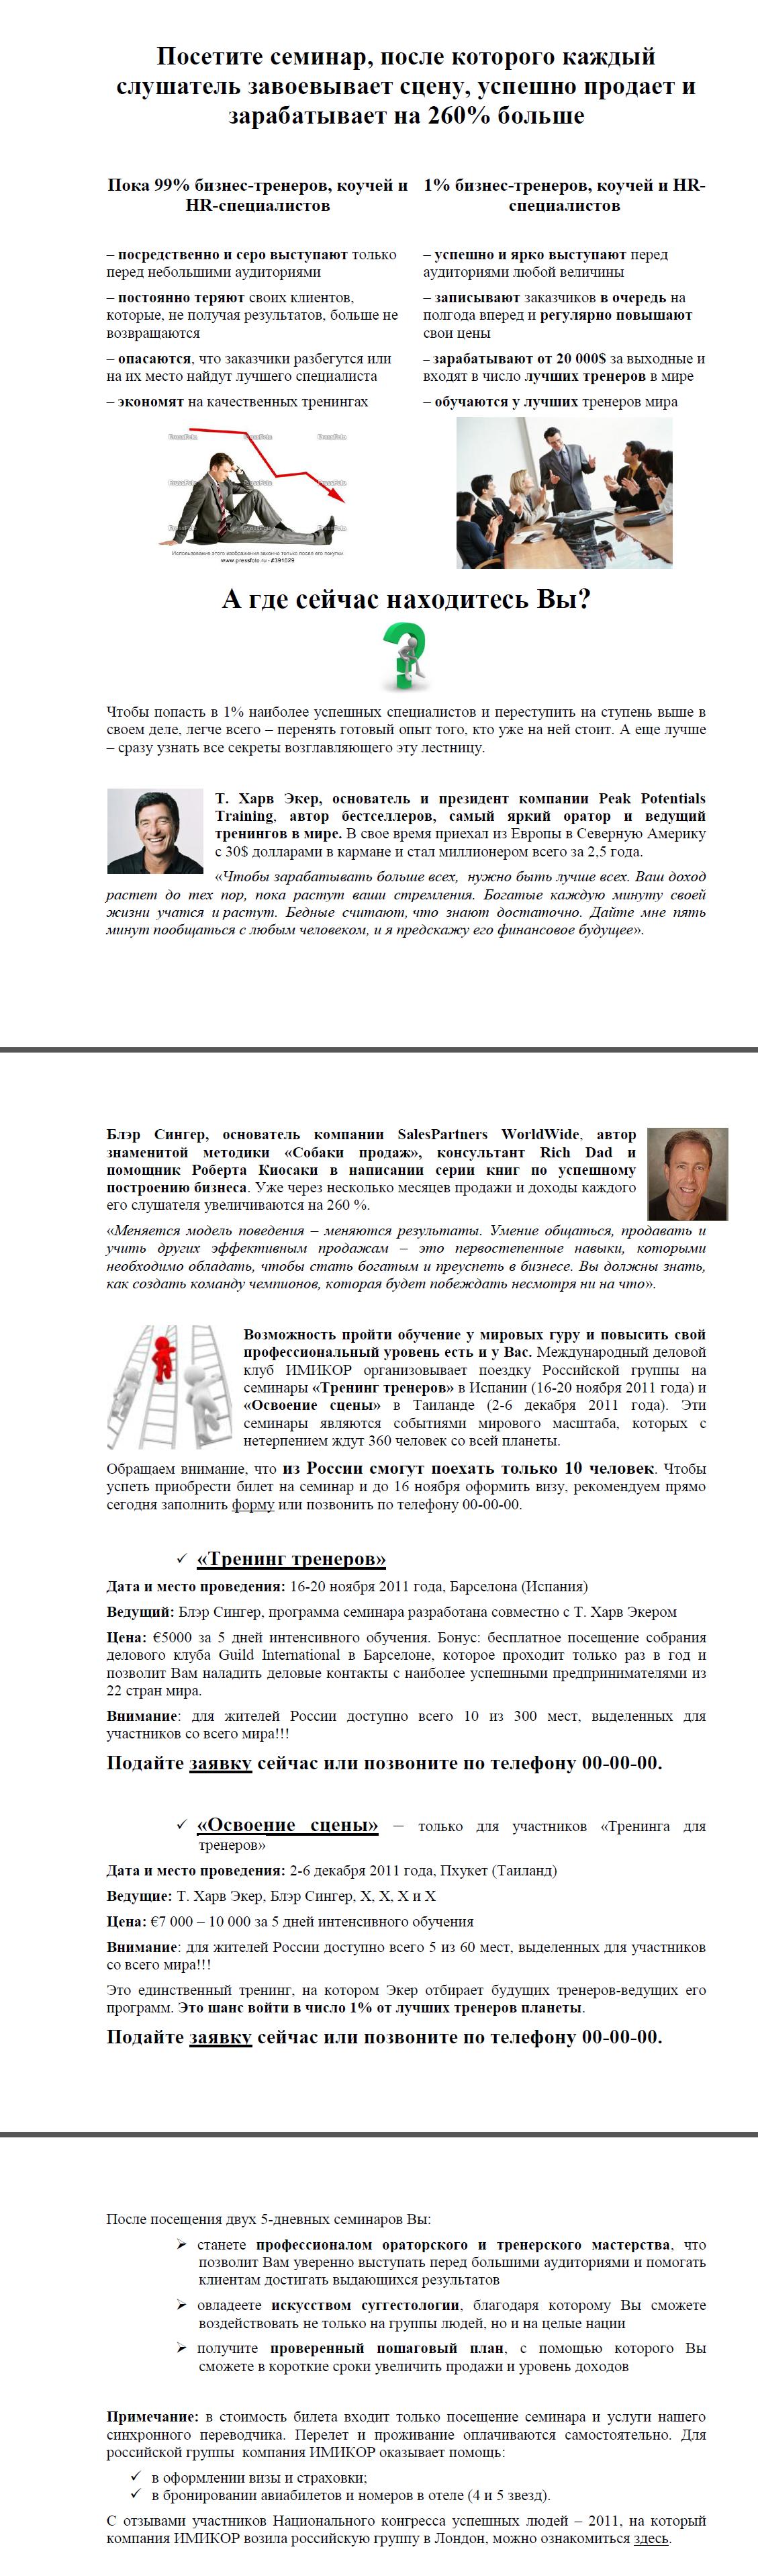 Текст, продающий выездные тренинги в Испании и Таиланде стоимостью от 5 000 евро